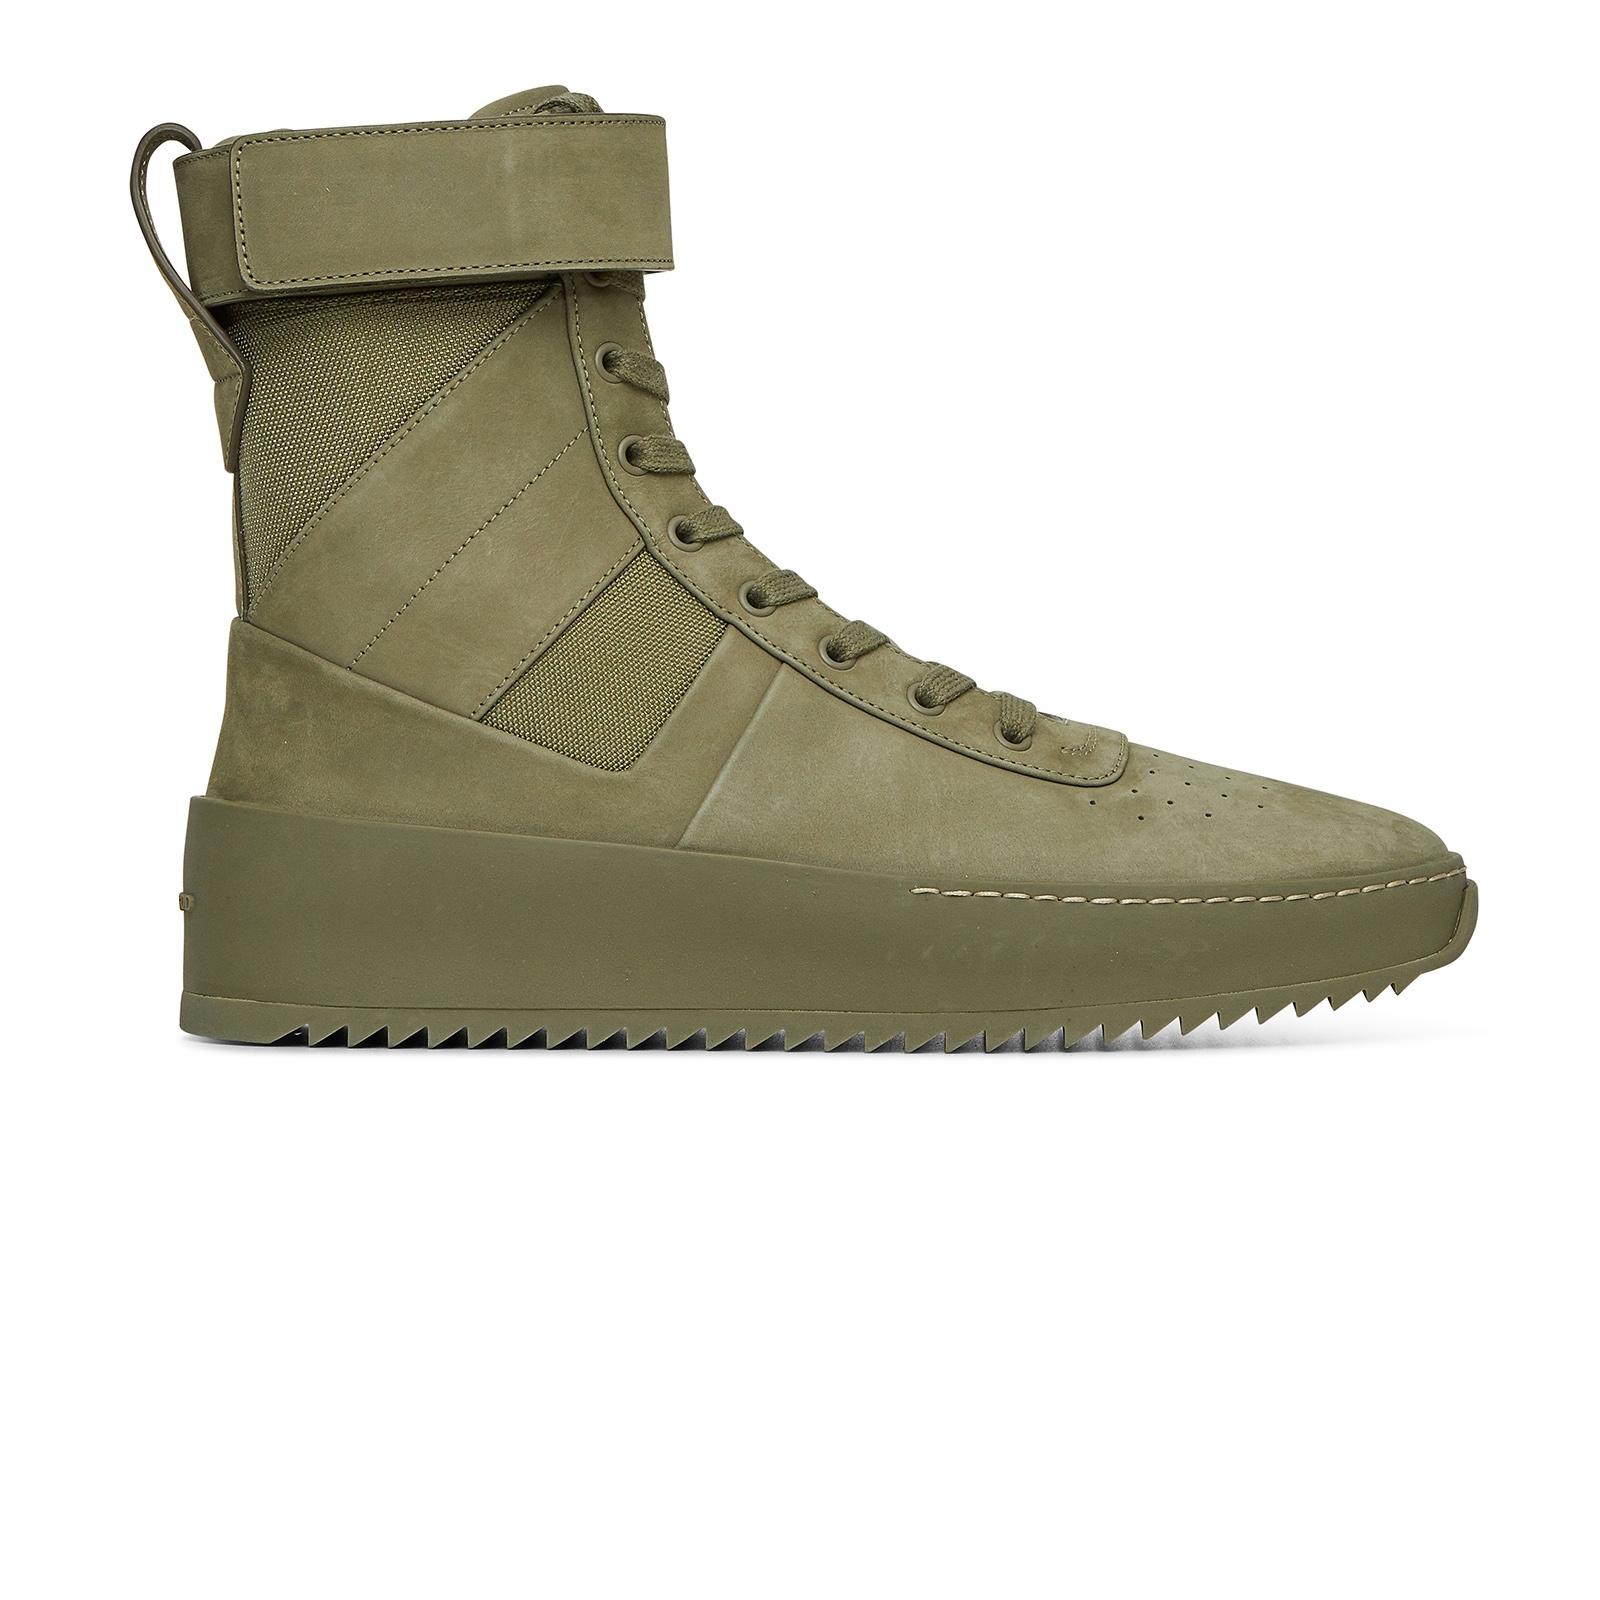 tonal-pack-military-sneakers (1).jpg